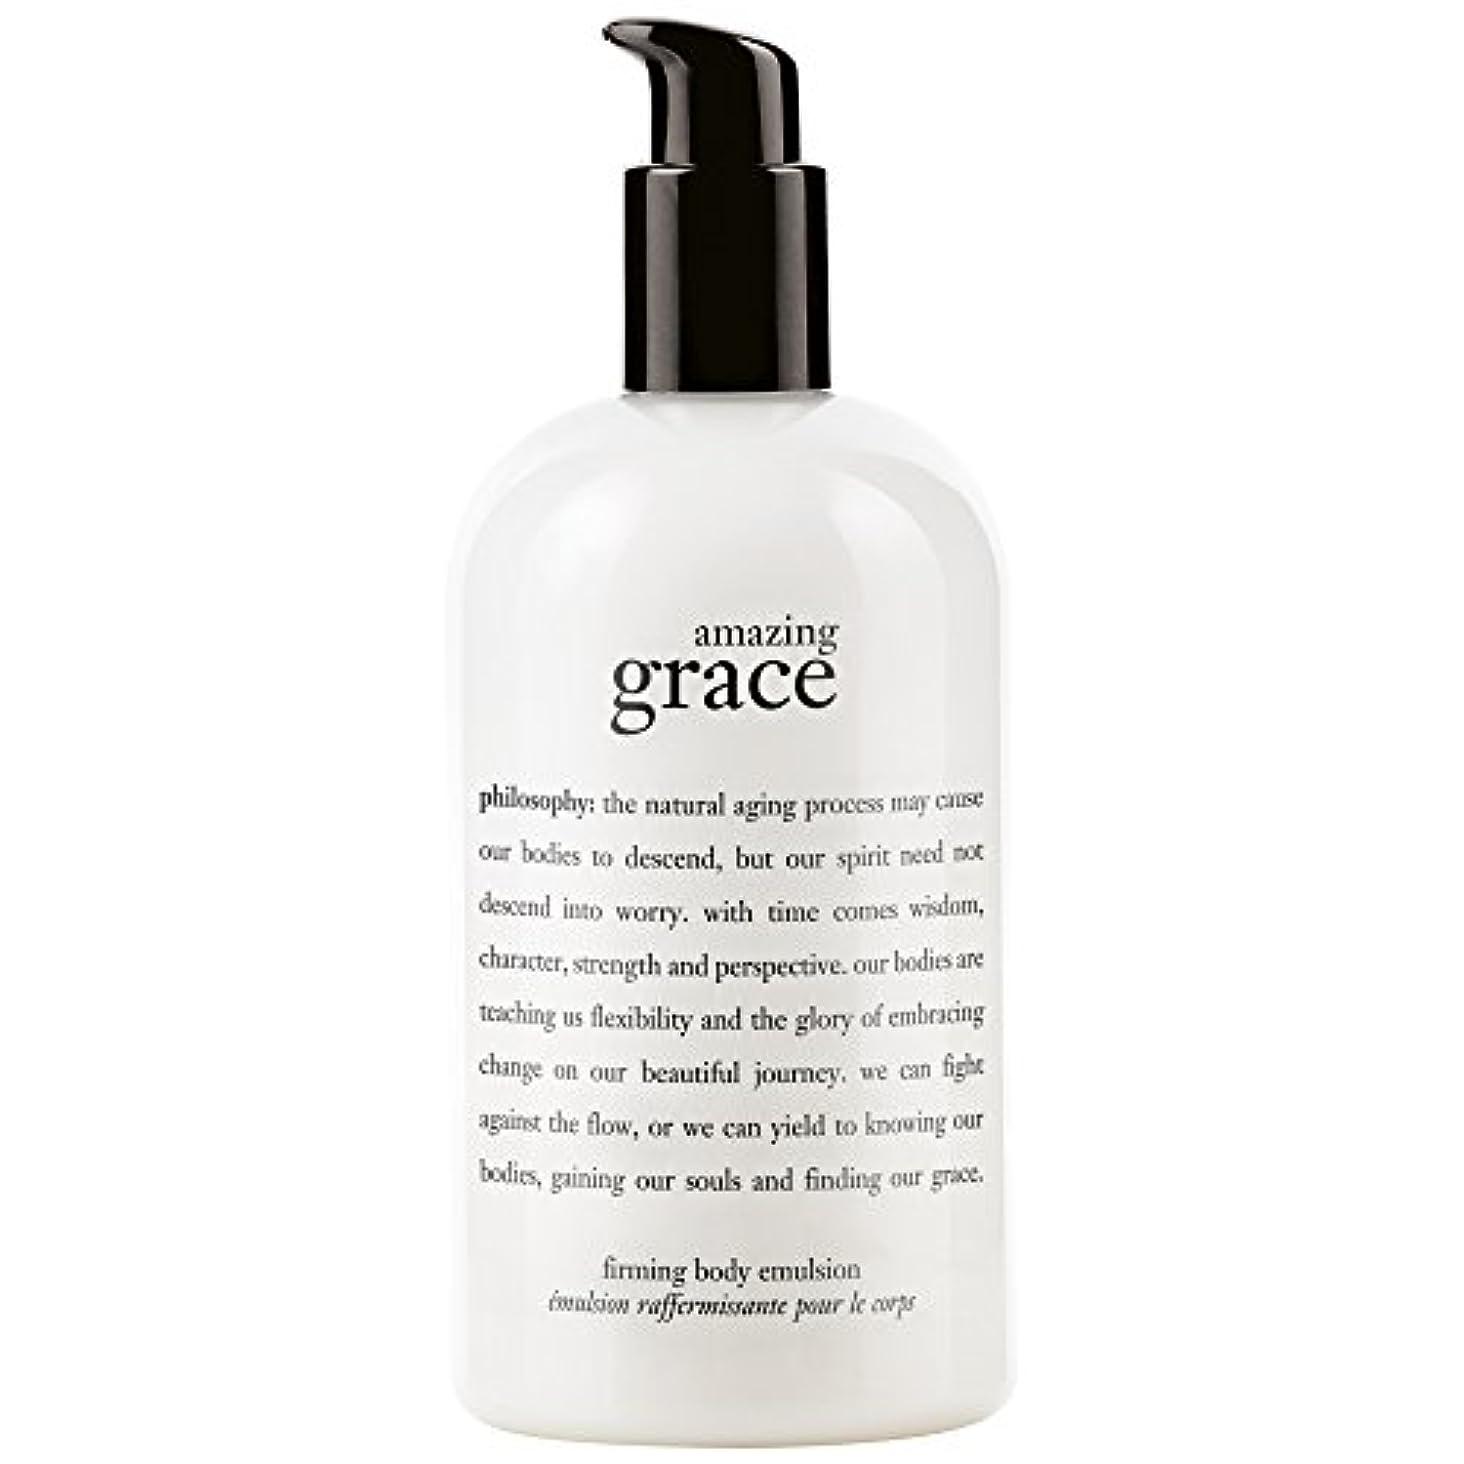 検出可能ストリーム記念碑哲学驚くべき恵み引き締めボディエマルジョン480ミリリットル (Philosophy) (x6) - Philosophy Amazing Grace Firming Body Emulsion 480ml (Pack...